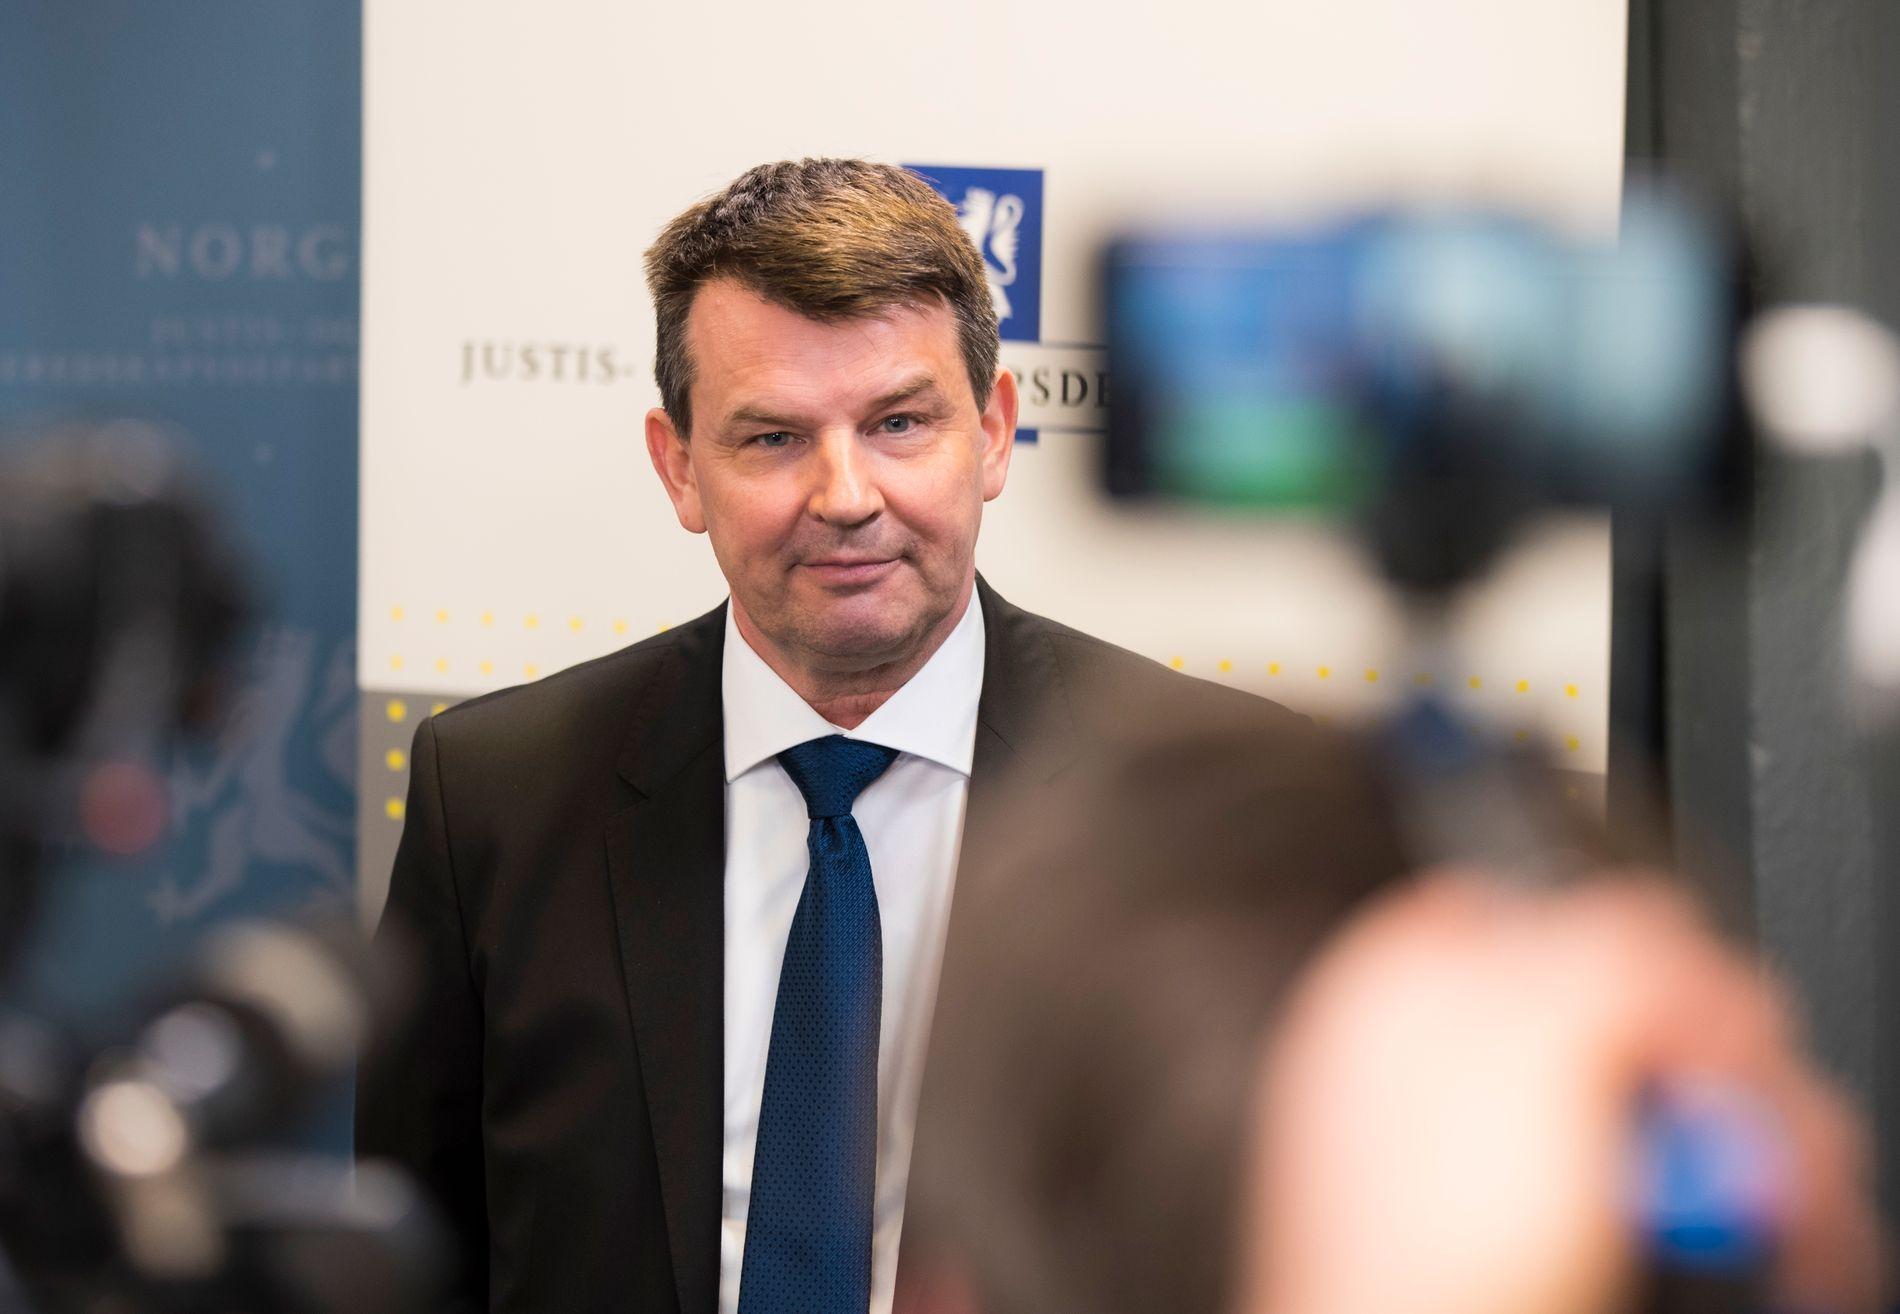 FIRST MINISTER: Tor Mikkel Wara (Frp) er den andre statsråden i Solberg-regjeringa som kjem direkte frå lobbyistfirmaet First House. Det er ikkje uproblematisk, skriv BT på leiarplass.